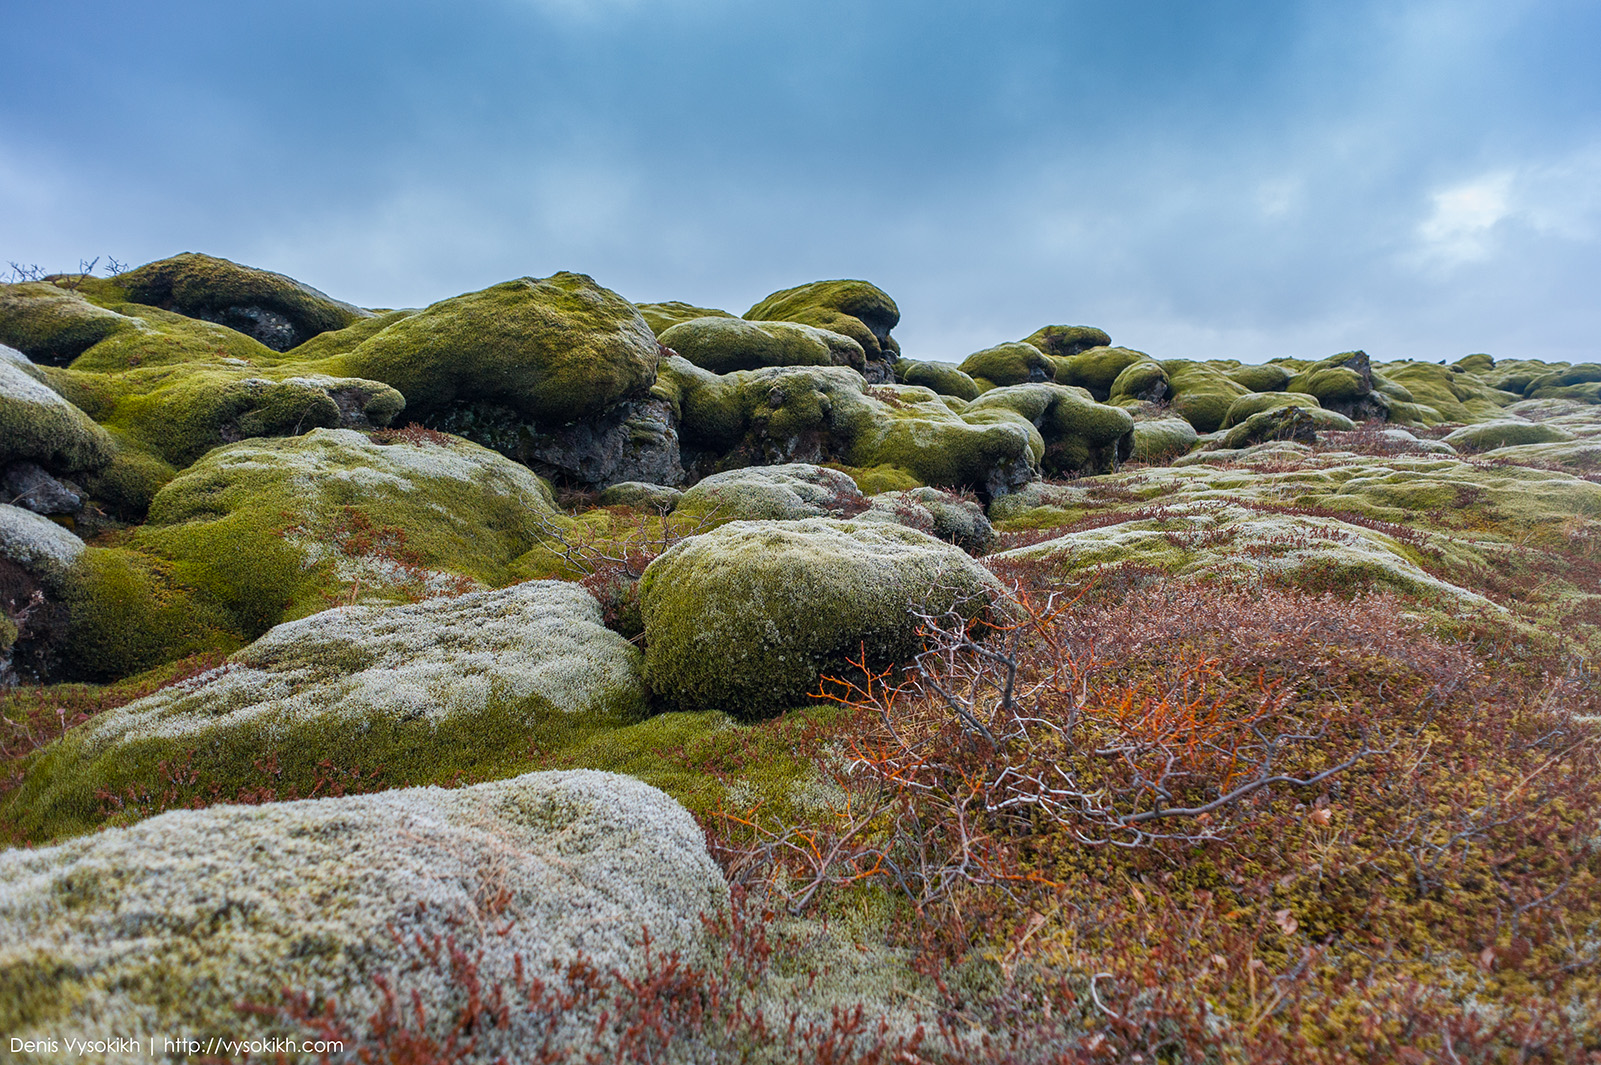 Eldhraun - лавовое поле, поросшее исландским мхом Fjallagrös.